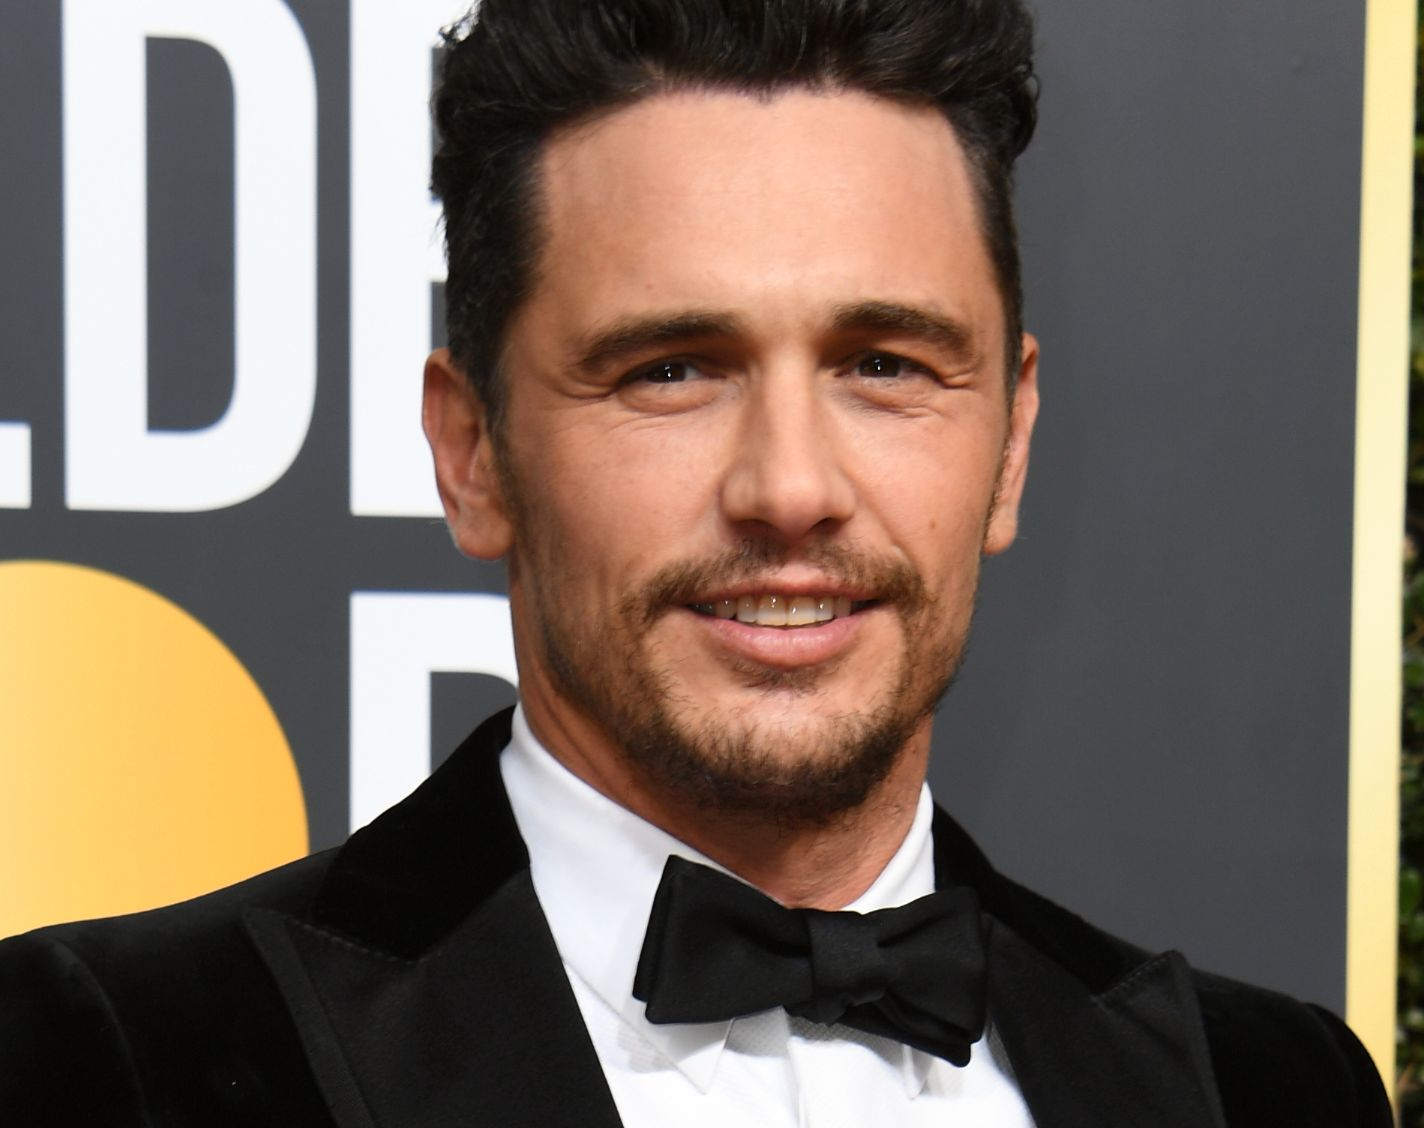 UPASSENDE: Flere kvinner ble provosert da skuespiller James Franco fikk Golden Globe-pris søndag. I dag står noen av dem frem i LA Times.